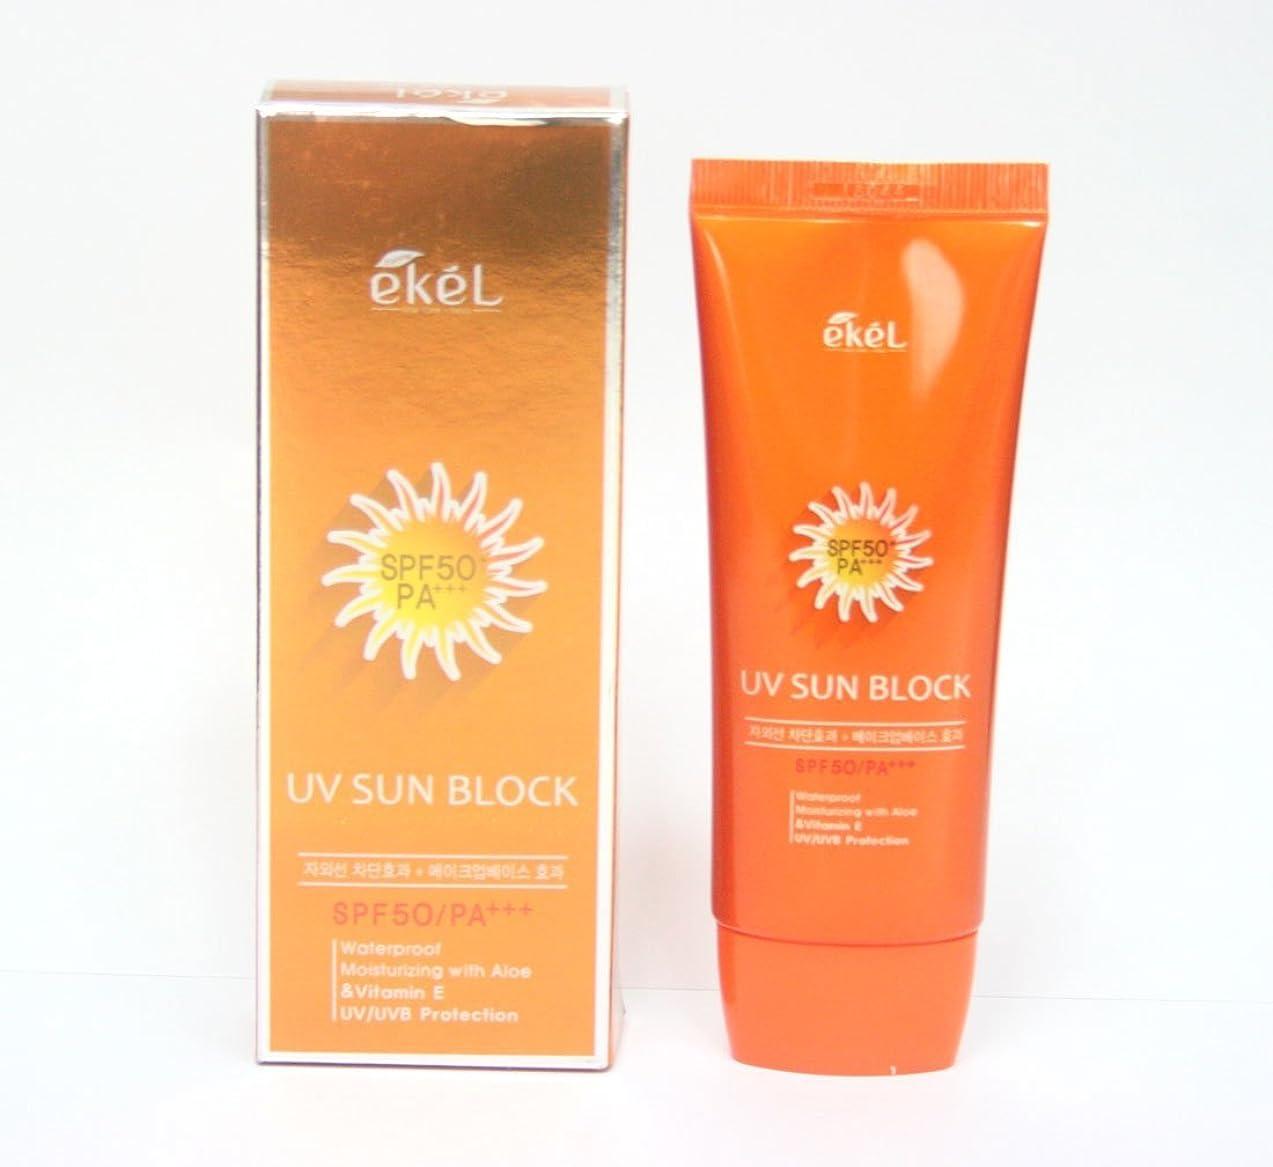 人生を作るリサイクルするたっぷり[EKEL] アロエ&ビタミンE日焼け止めクリームSPF50 PA+++70ml / Aloe & Vitamin E Sun Block Cream SPF50 PA+++ 70ml / UVプロテクション / メイクアップベース効果 / 防水 / UV Protection / Makeup Base effect / Waterproof / 韓国化粧品 / Korean Cosmetics [並行輸入品]